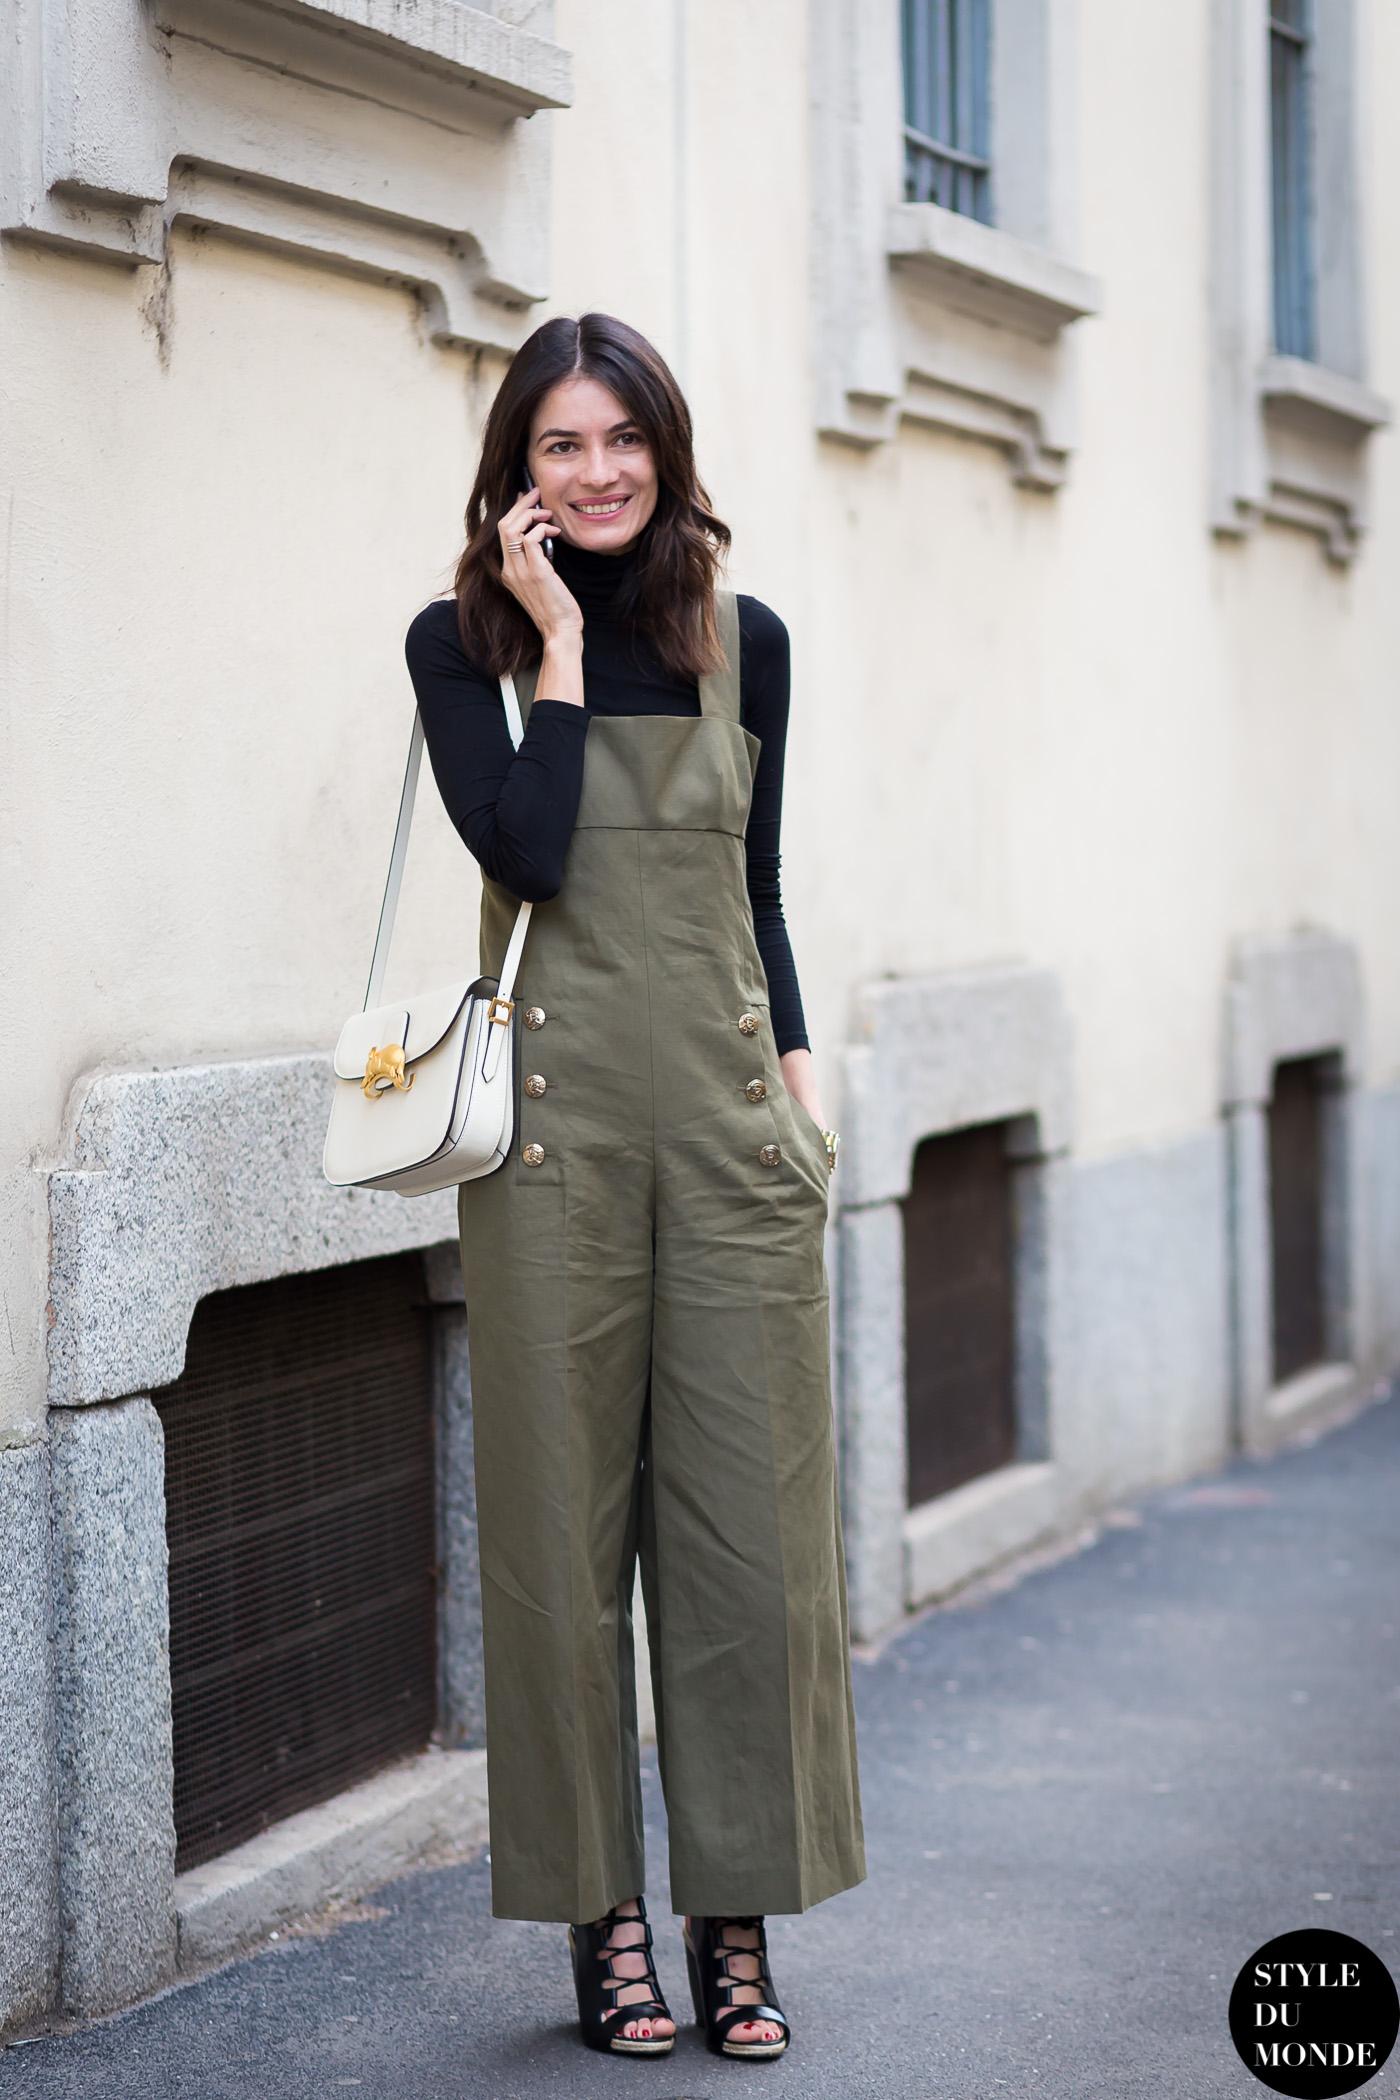 359982b5a60 Leila Yavari Street Style Street Fashion Streetsnaps by STYLEDUMONDE Street  Style Fashion Blog